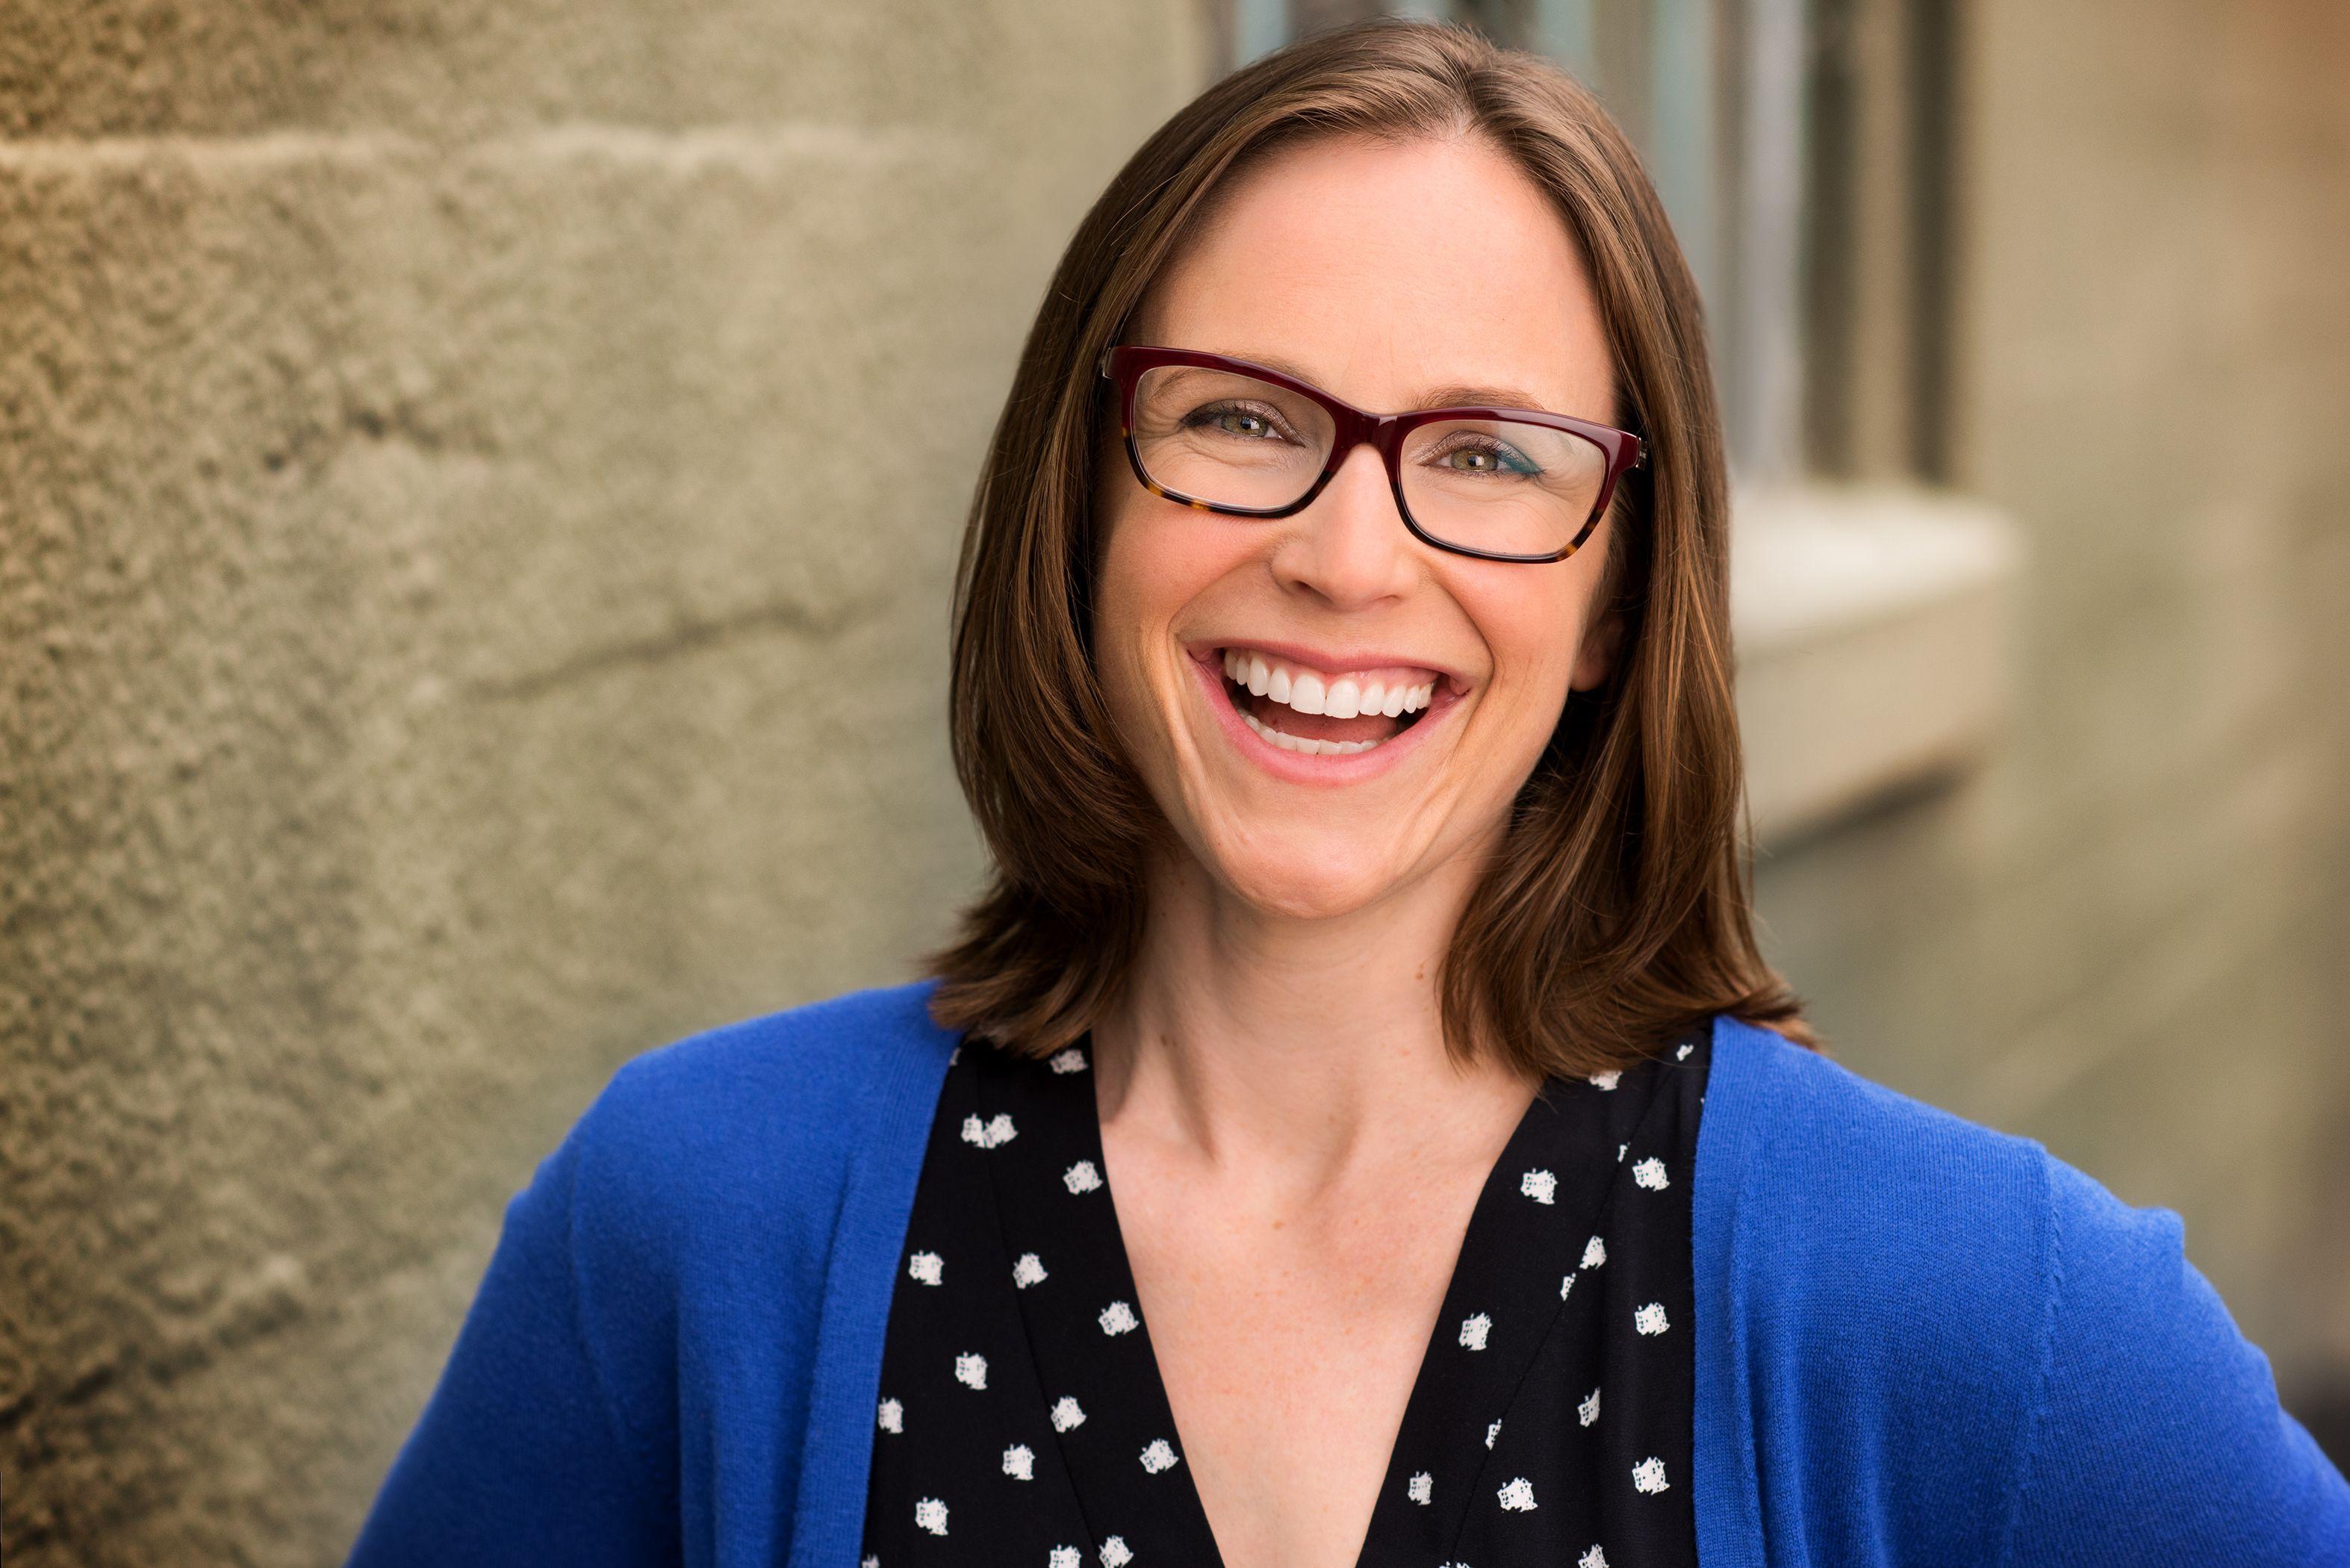 Hannah Dworkin, a Bay Area local director's new corporate headshot